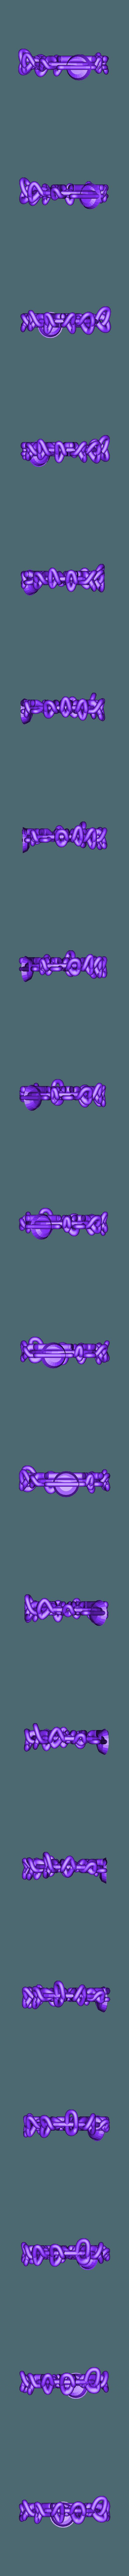 rose ring band.stl Télécharger fichier STL gratuit Bague de rose • Design imprimable en 3D, swivaller